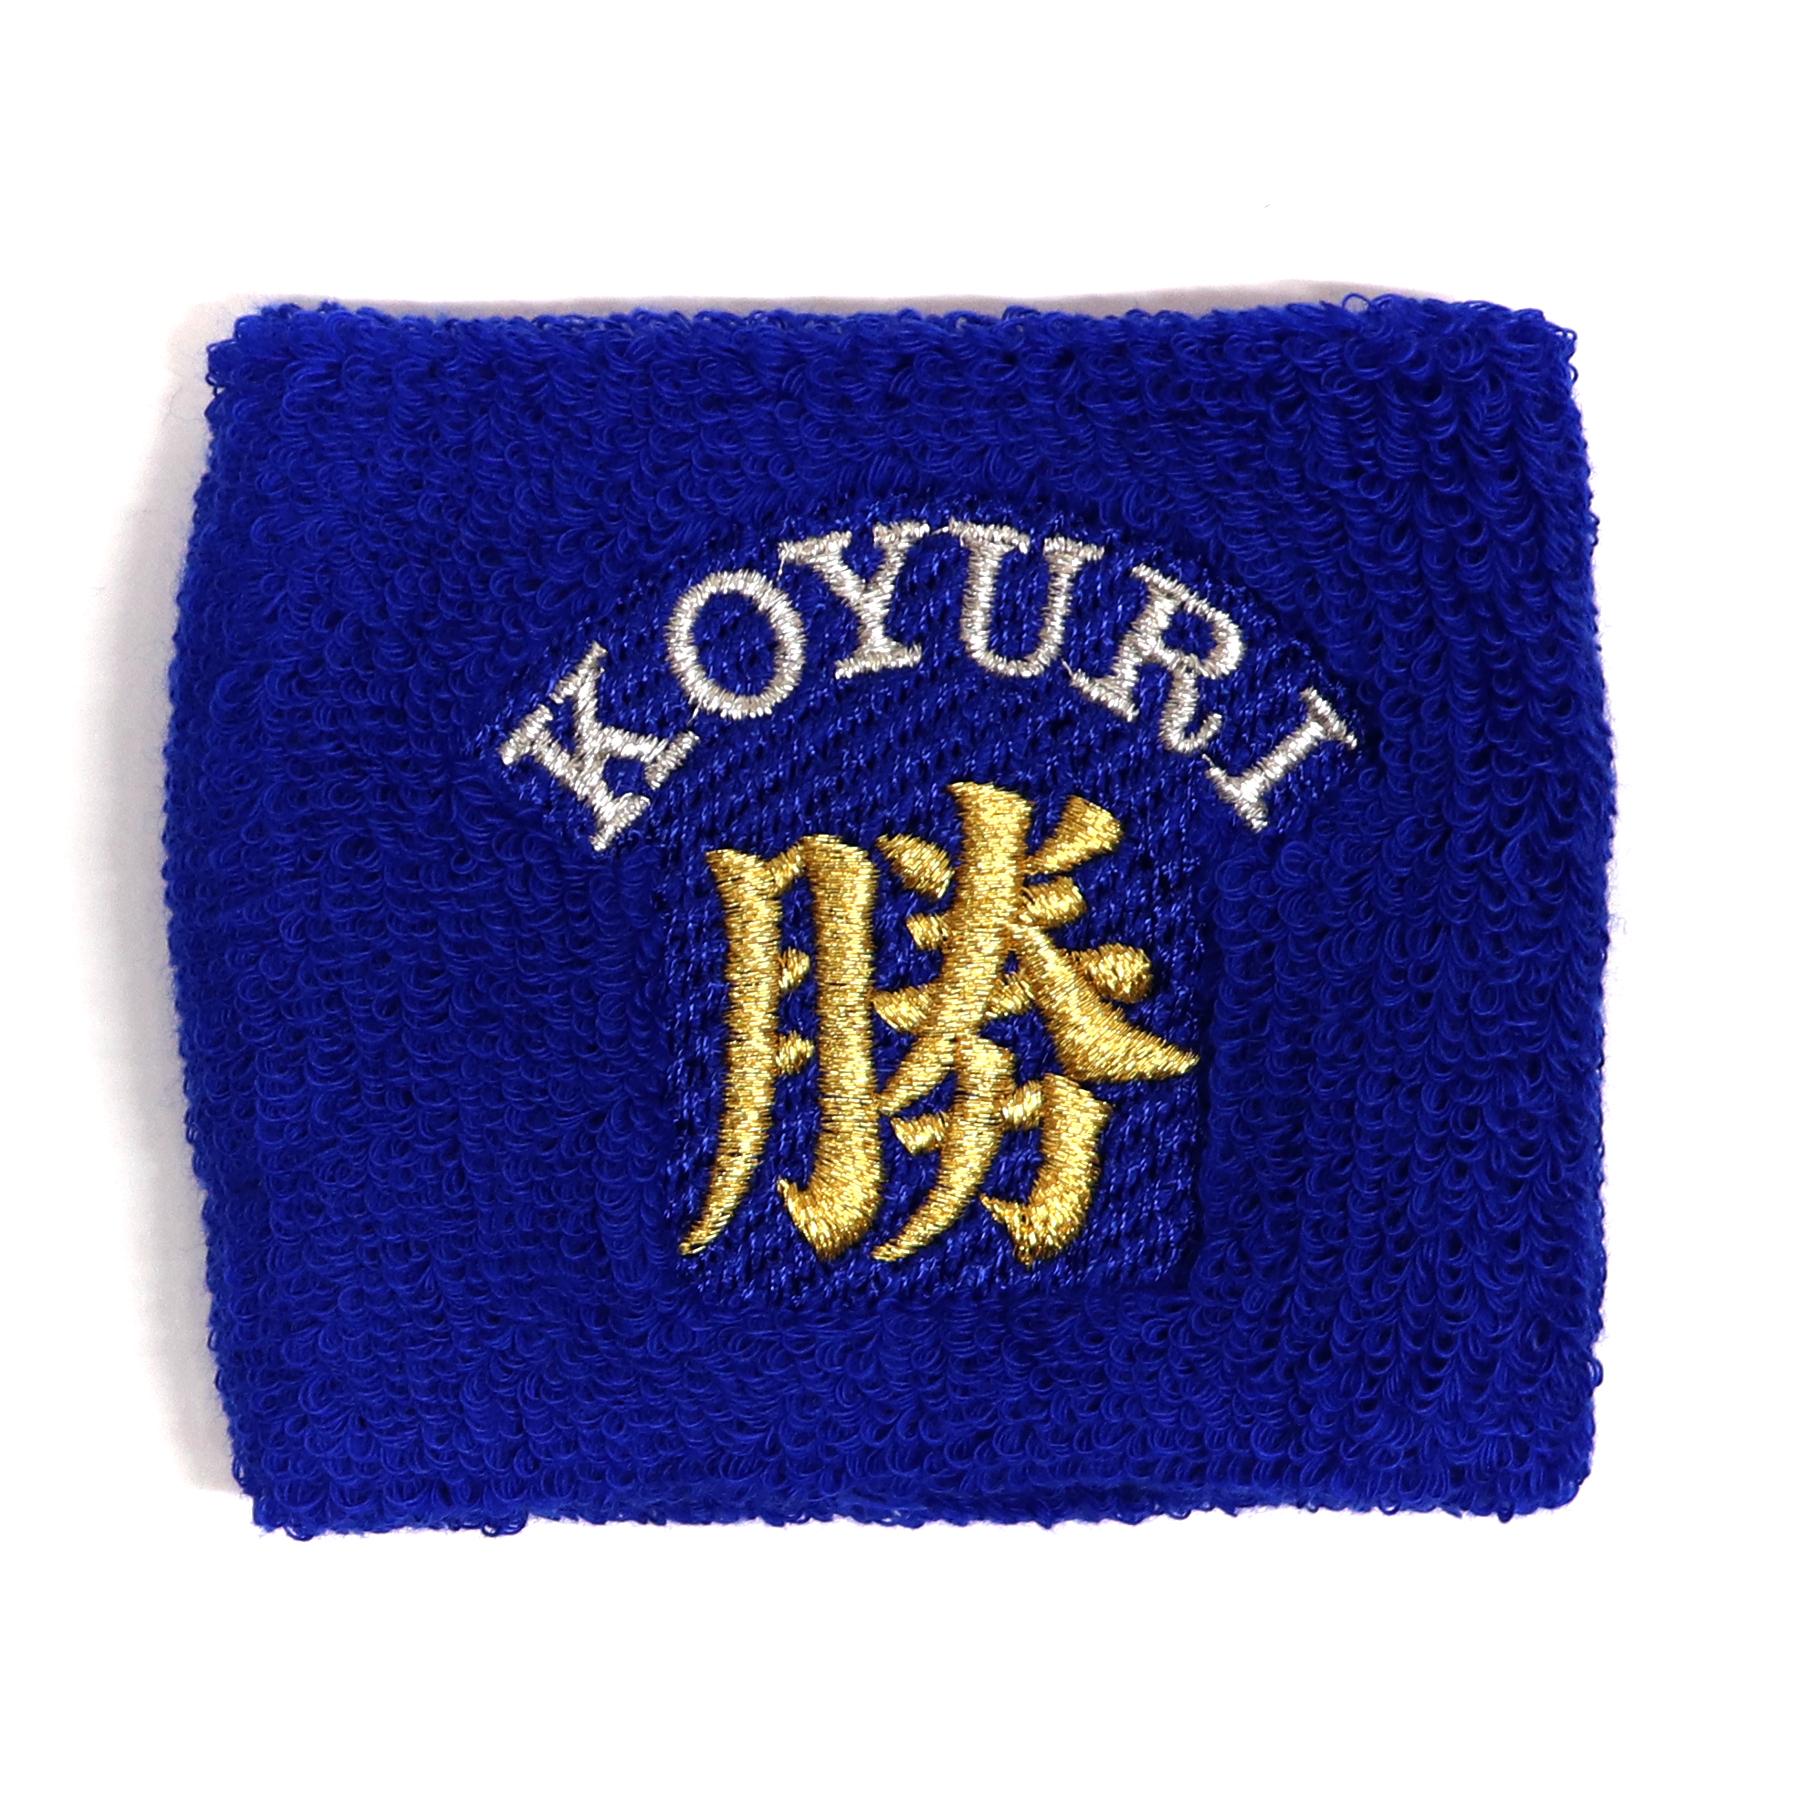 【17003】チーム刺繍/M1-71  ロイヤルブル-/Fサイズ